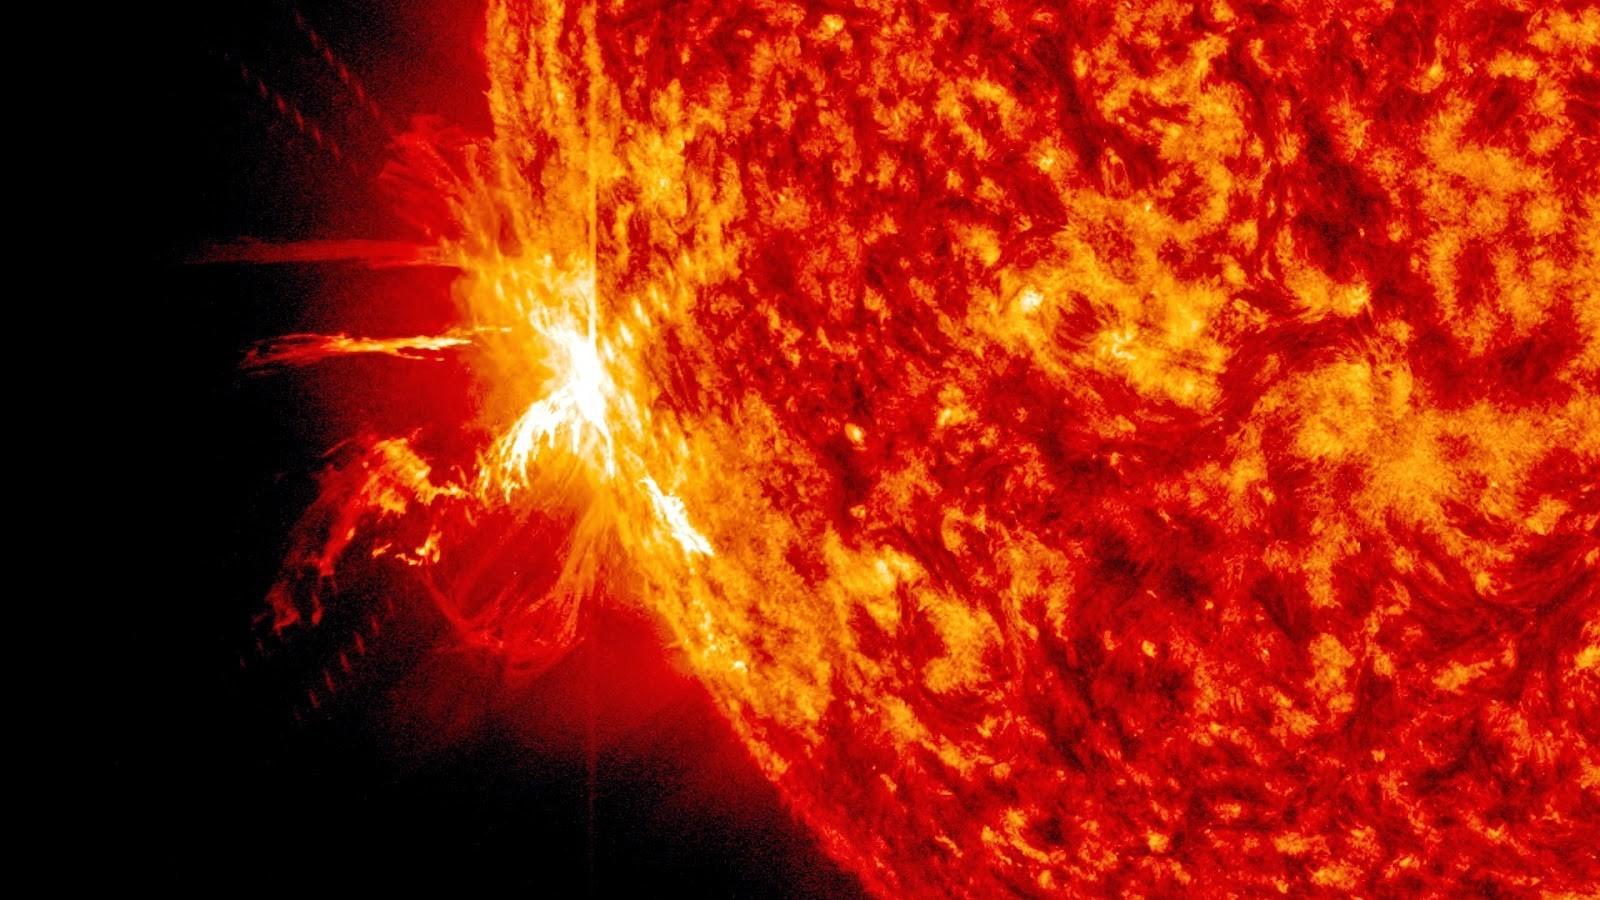 Астрономы подсчитали, сколько потеряет экономика США отмощных вспышек наСолнце